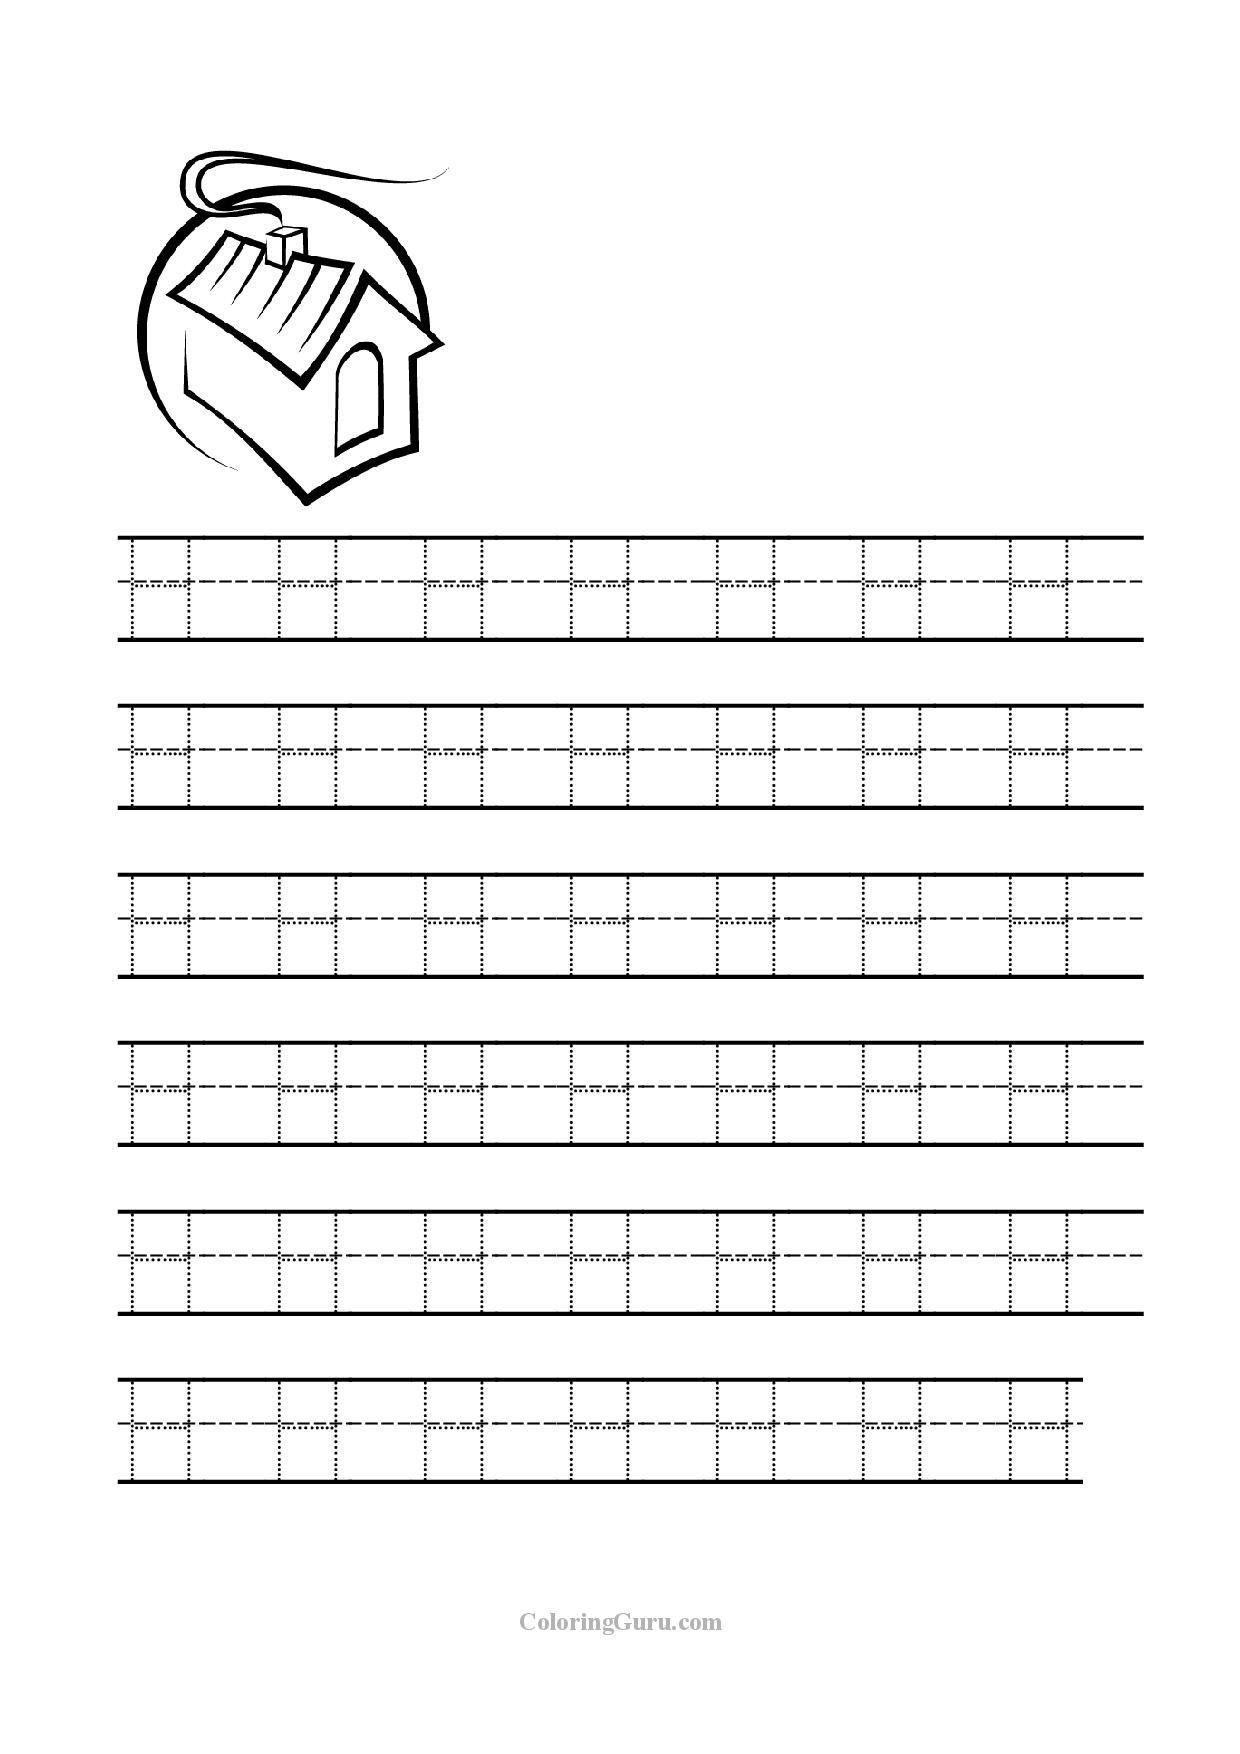 Letter H Worksheets For Preschool Letter H Tracing Worksheets Worksheets For All In 2020 Letter H Worksheets Tracing Worksheets Alphabet Worksheets Preschool